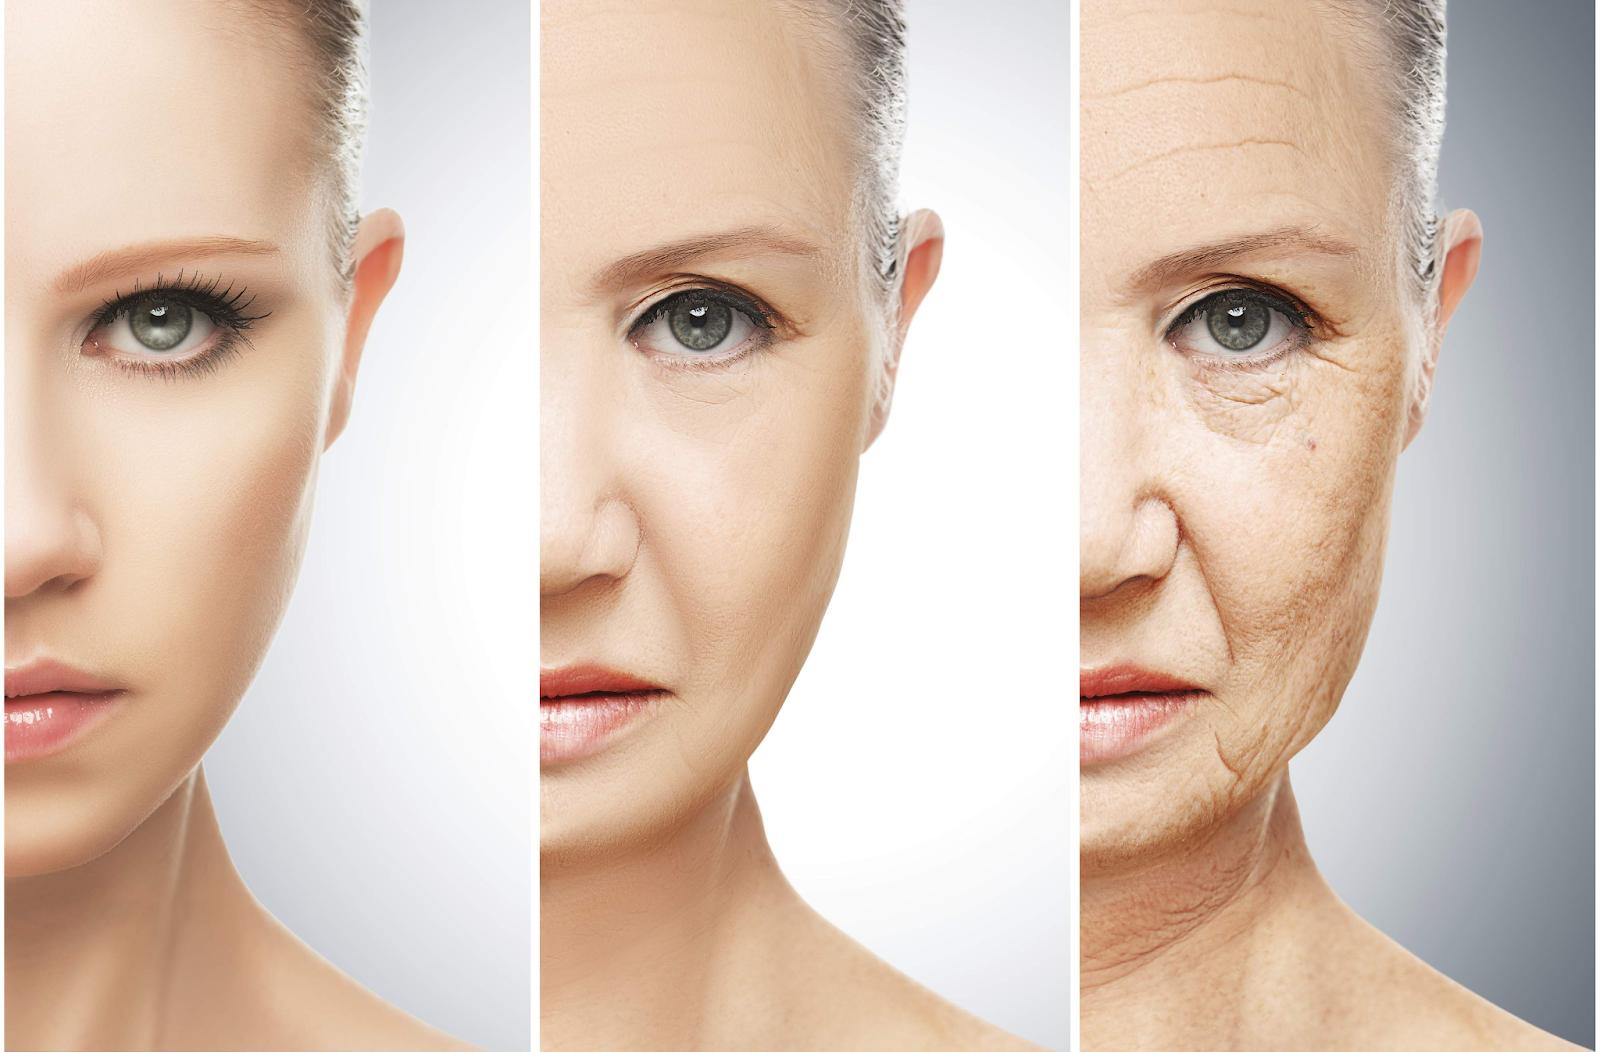 Uống collagen không đảm bảo có thể gây tác hại